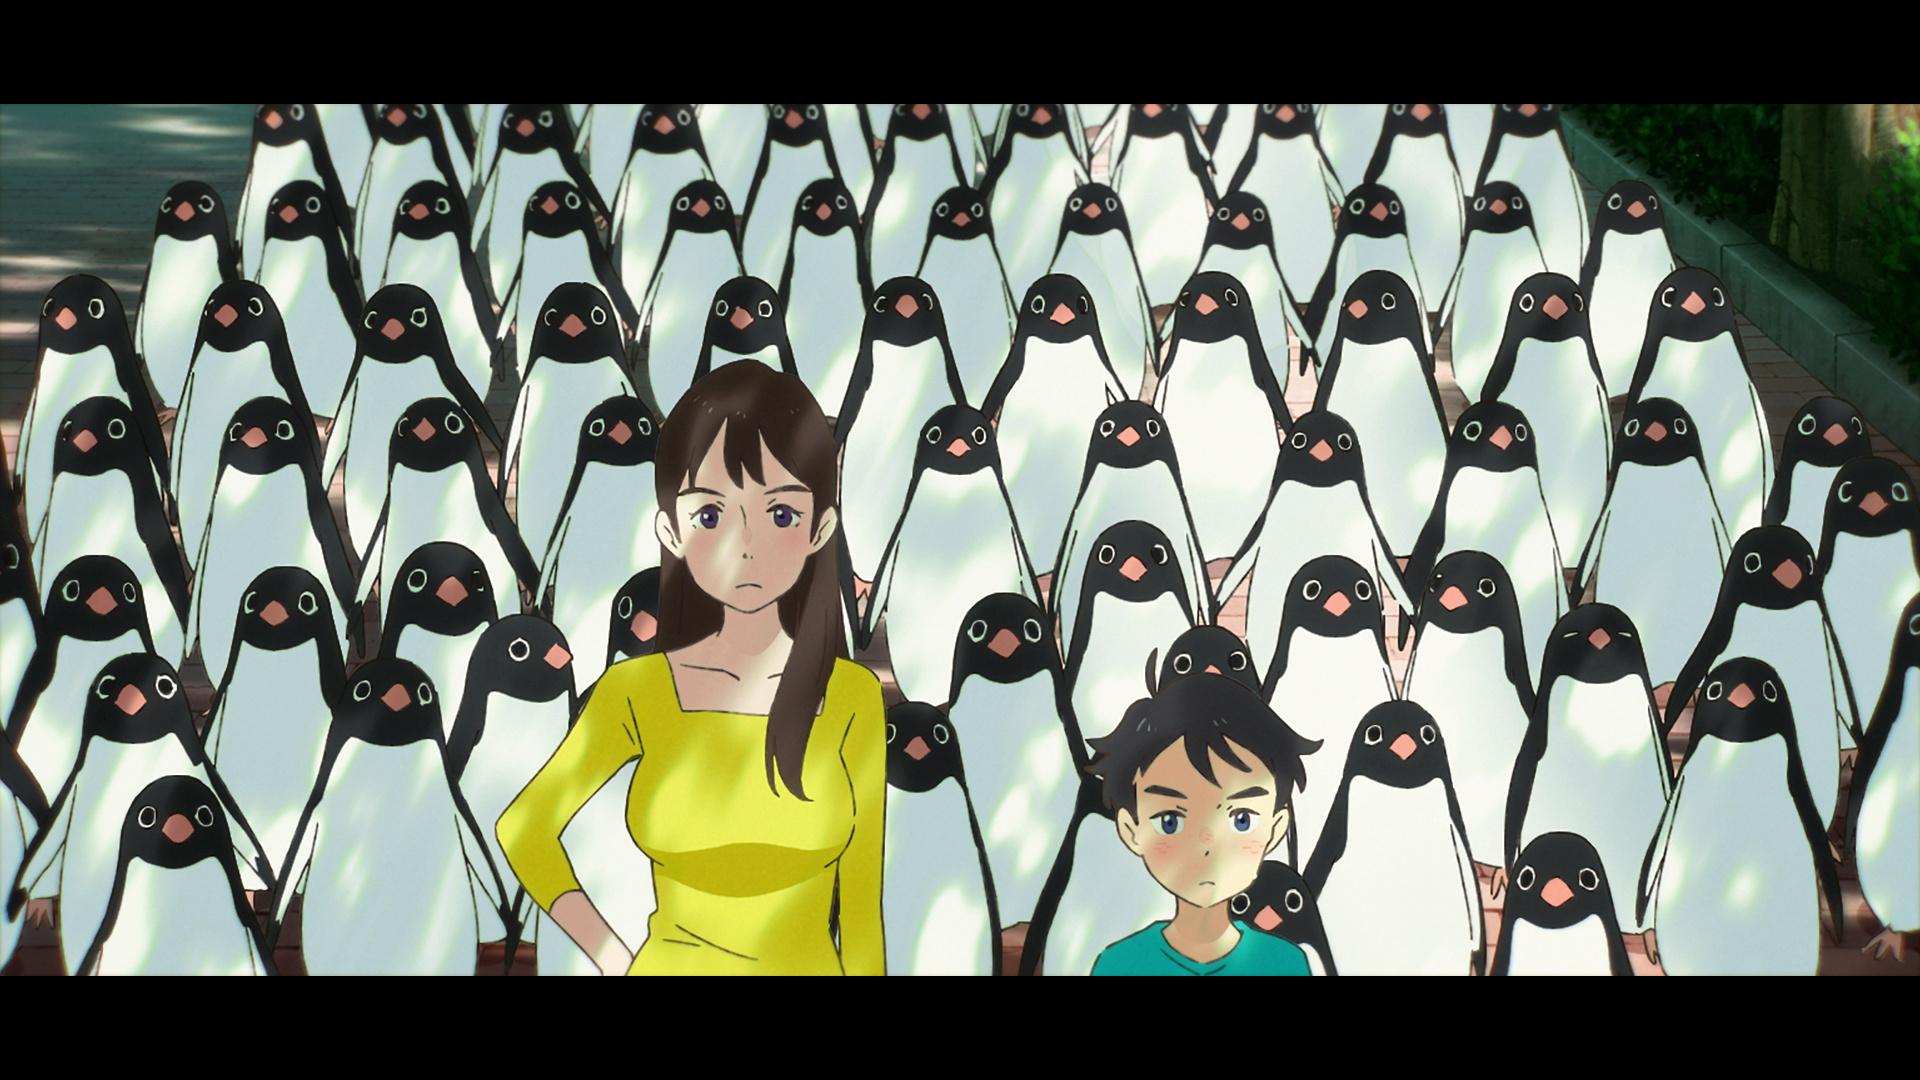 電影《企鵝公路》畫面和場景 0614_p22